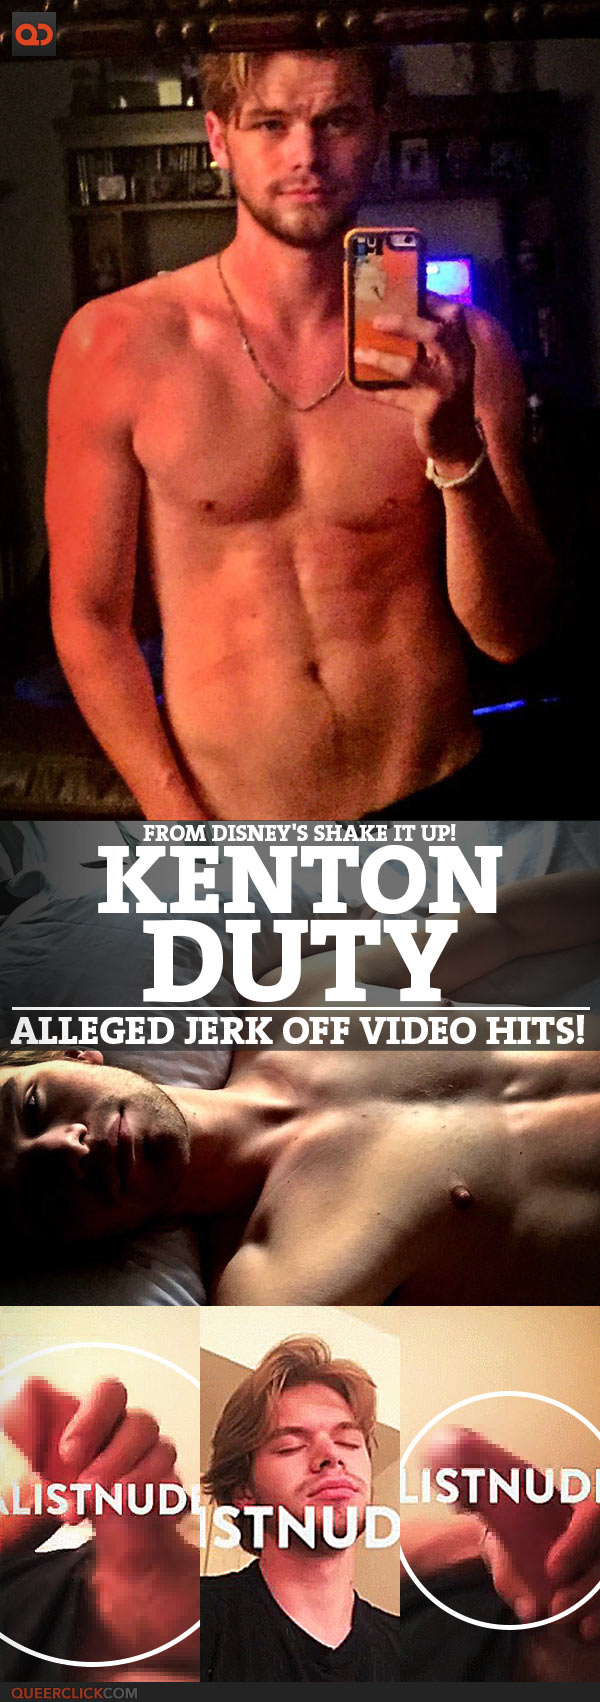 Kenton Duty, From Disney's Shake It Up!, Alleged Jerk Off Video Hits!